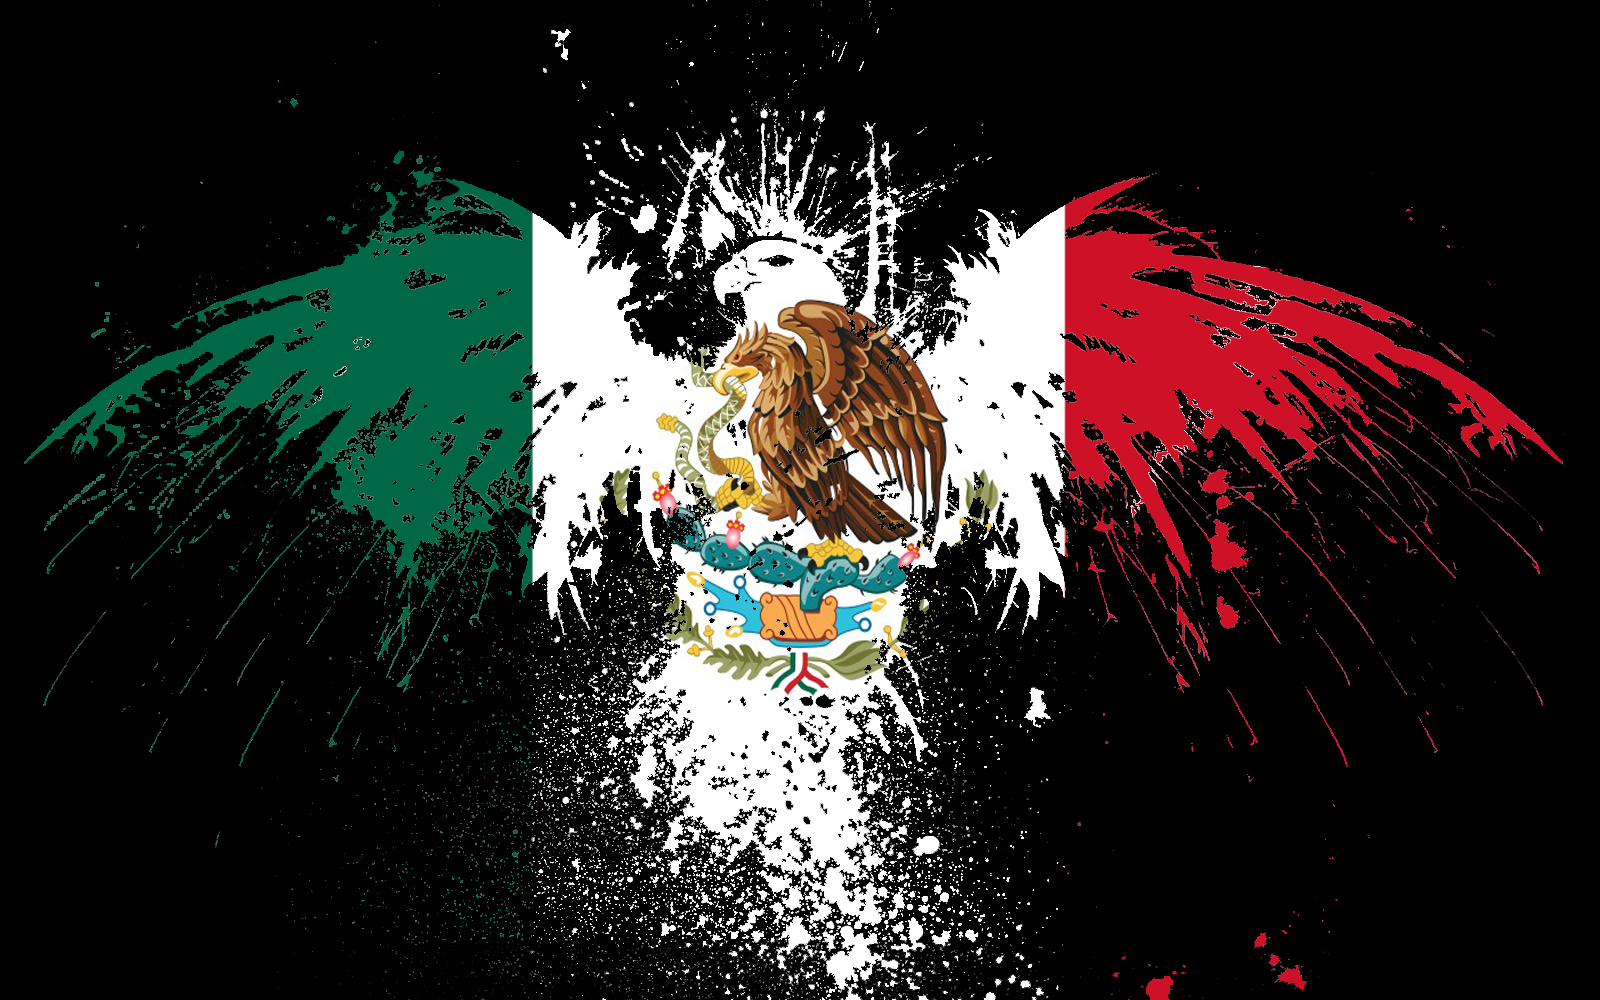 combanderabandera mexico mexican flag wallpaper downloadhtm 1600x1000